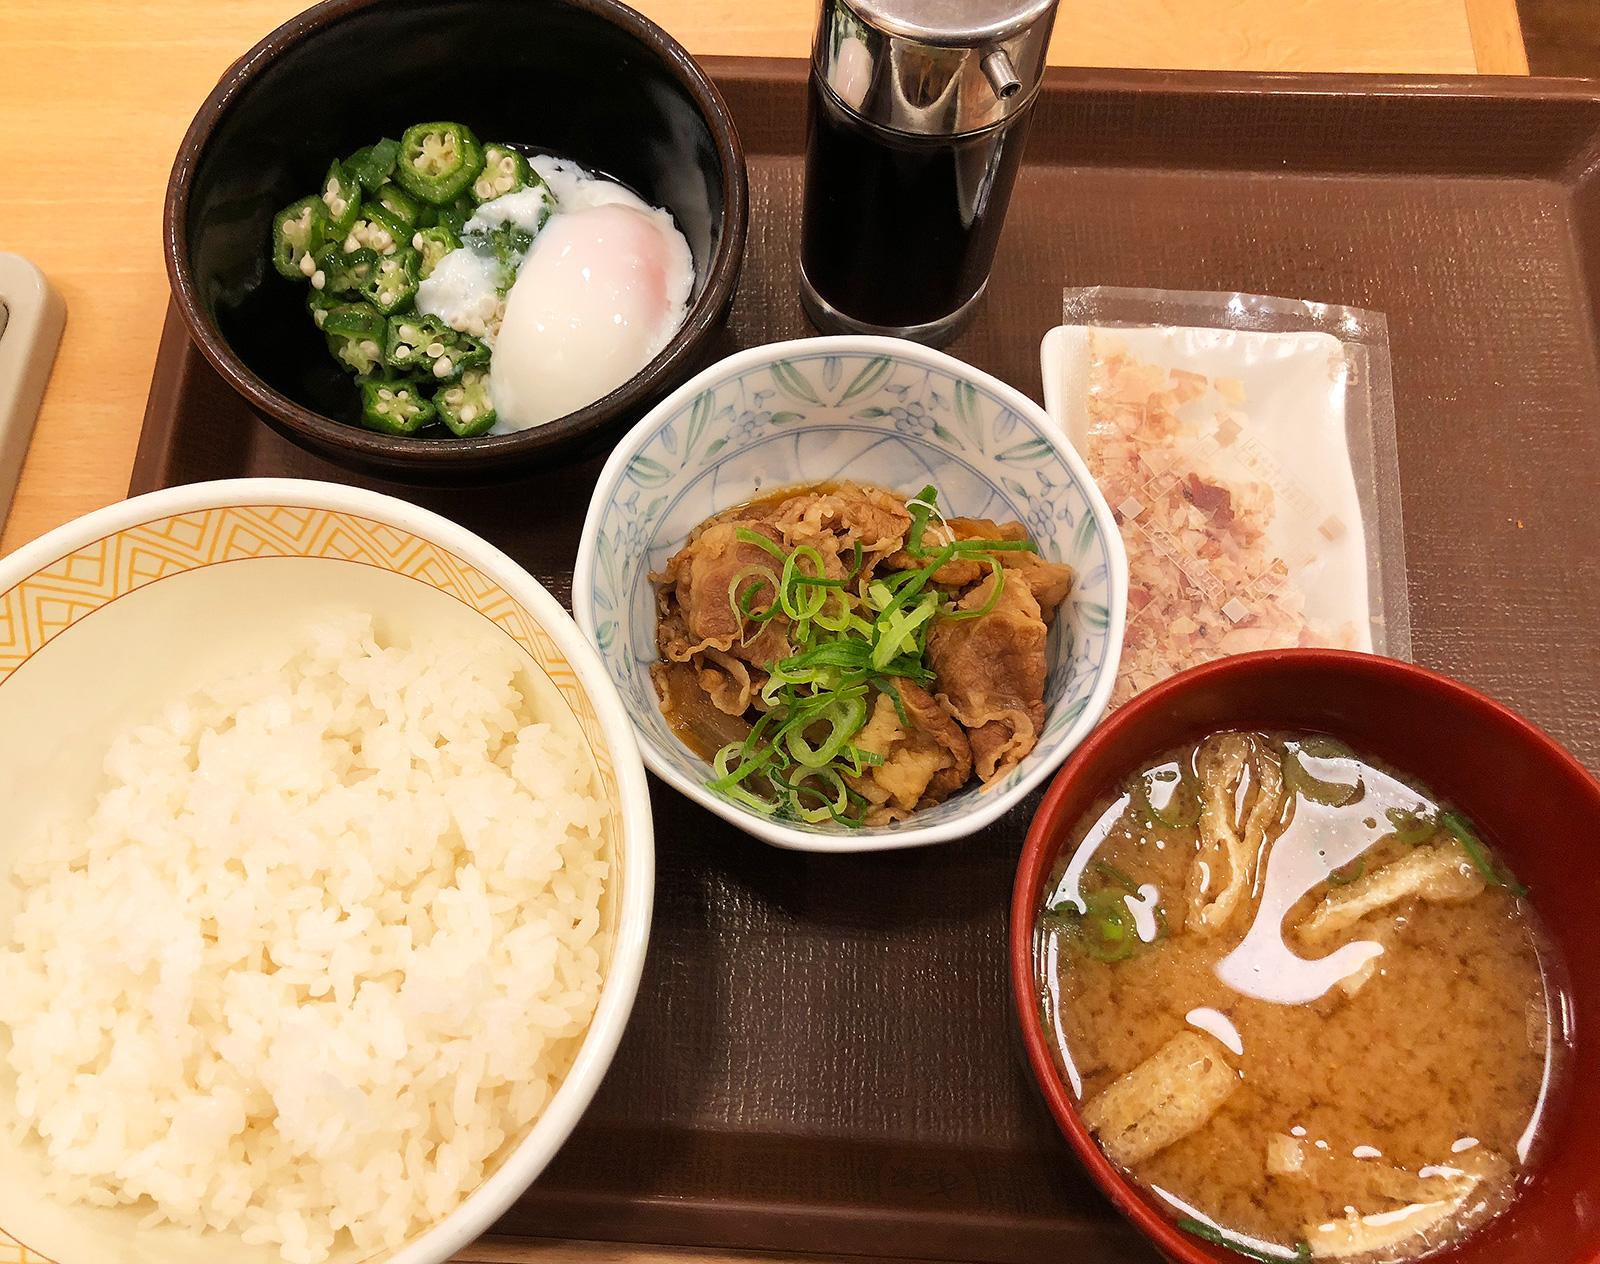 「すき家名古屋大野木店」のまぜのっけごはん朝食 @大野木